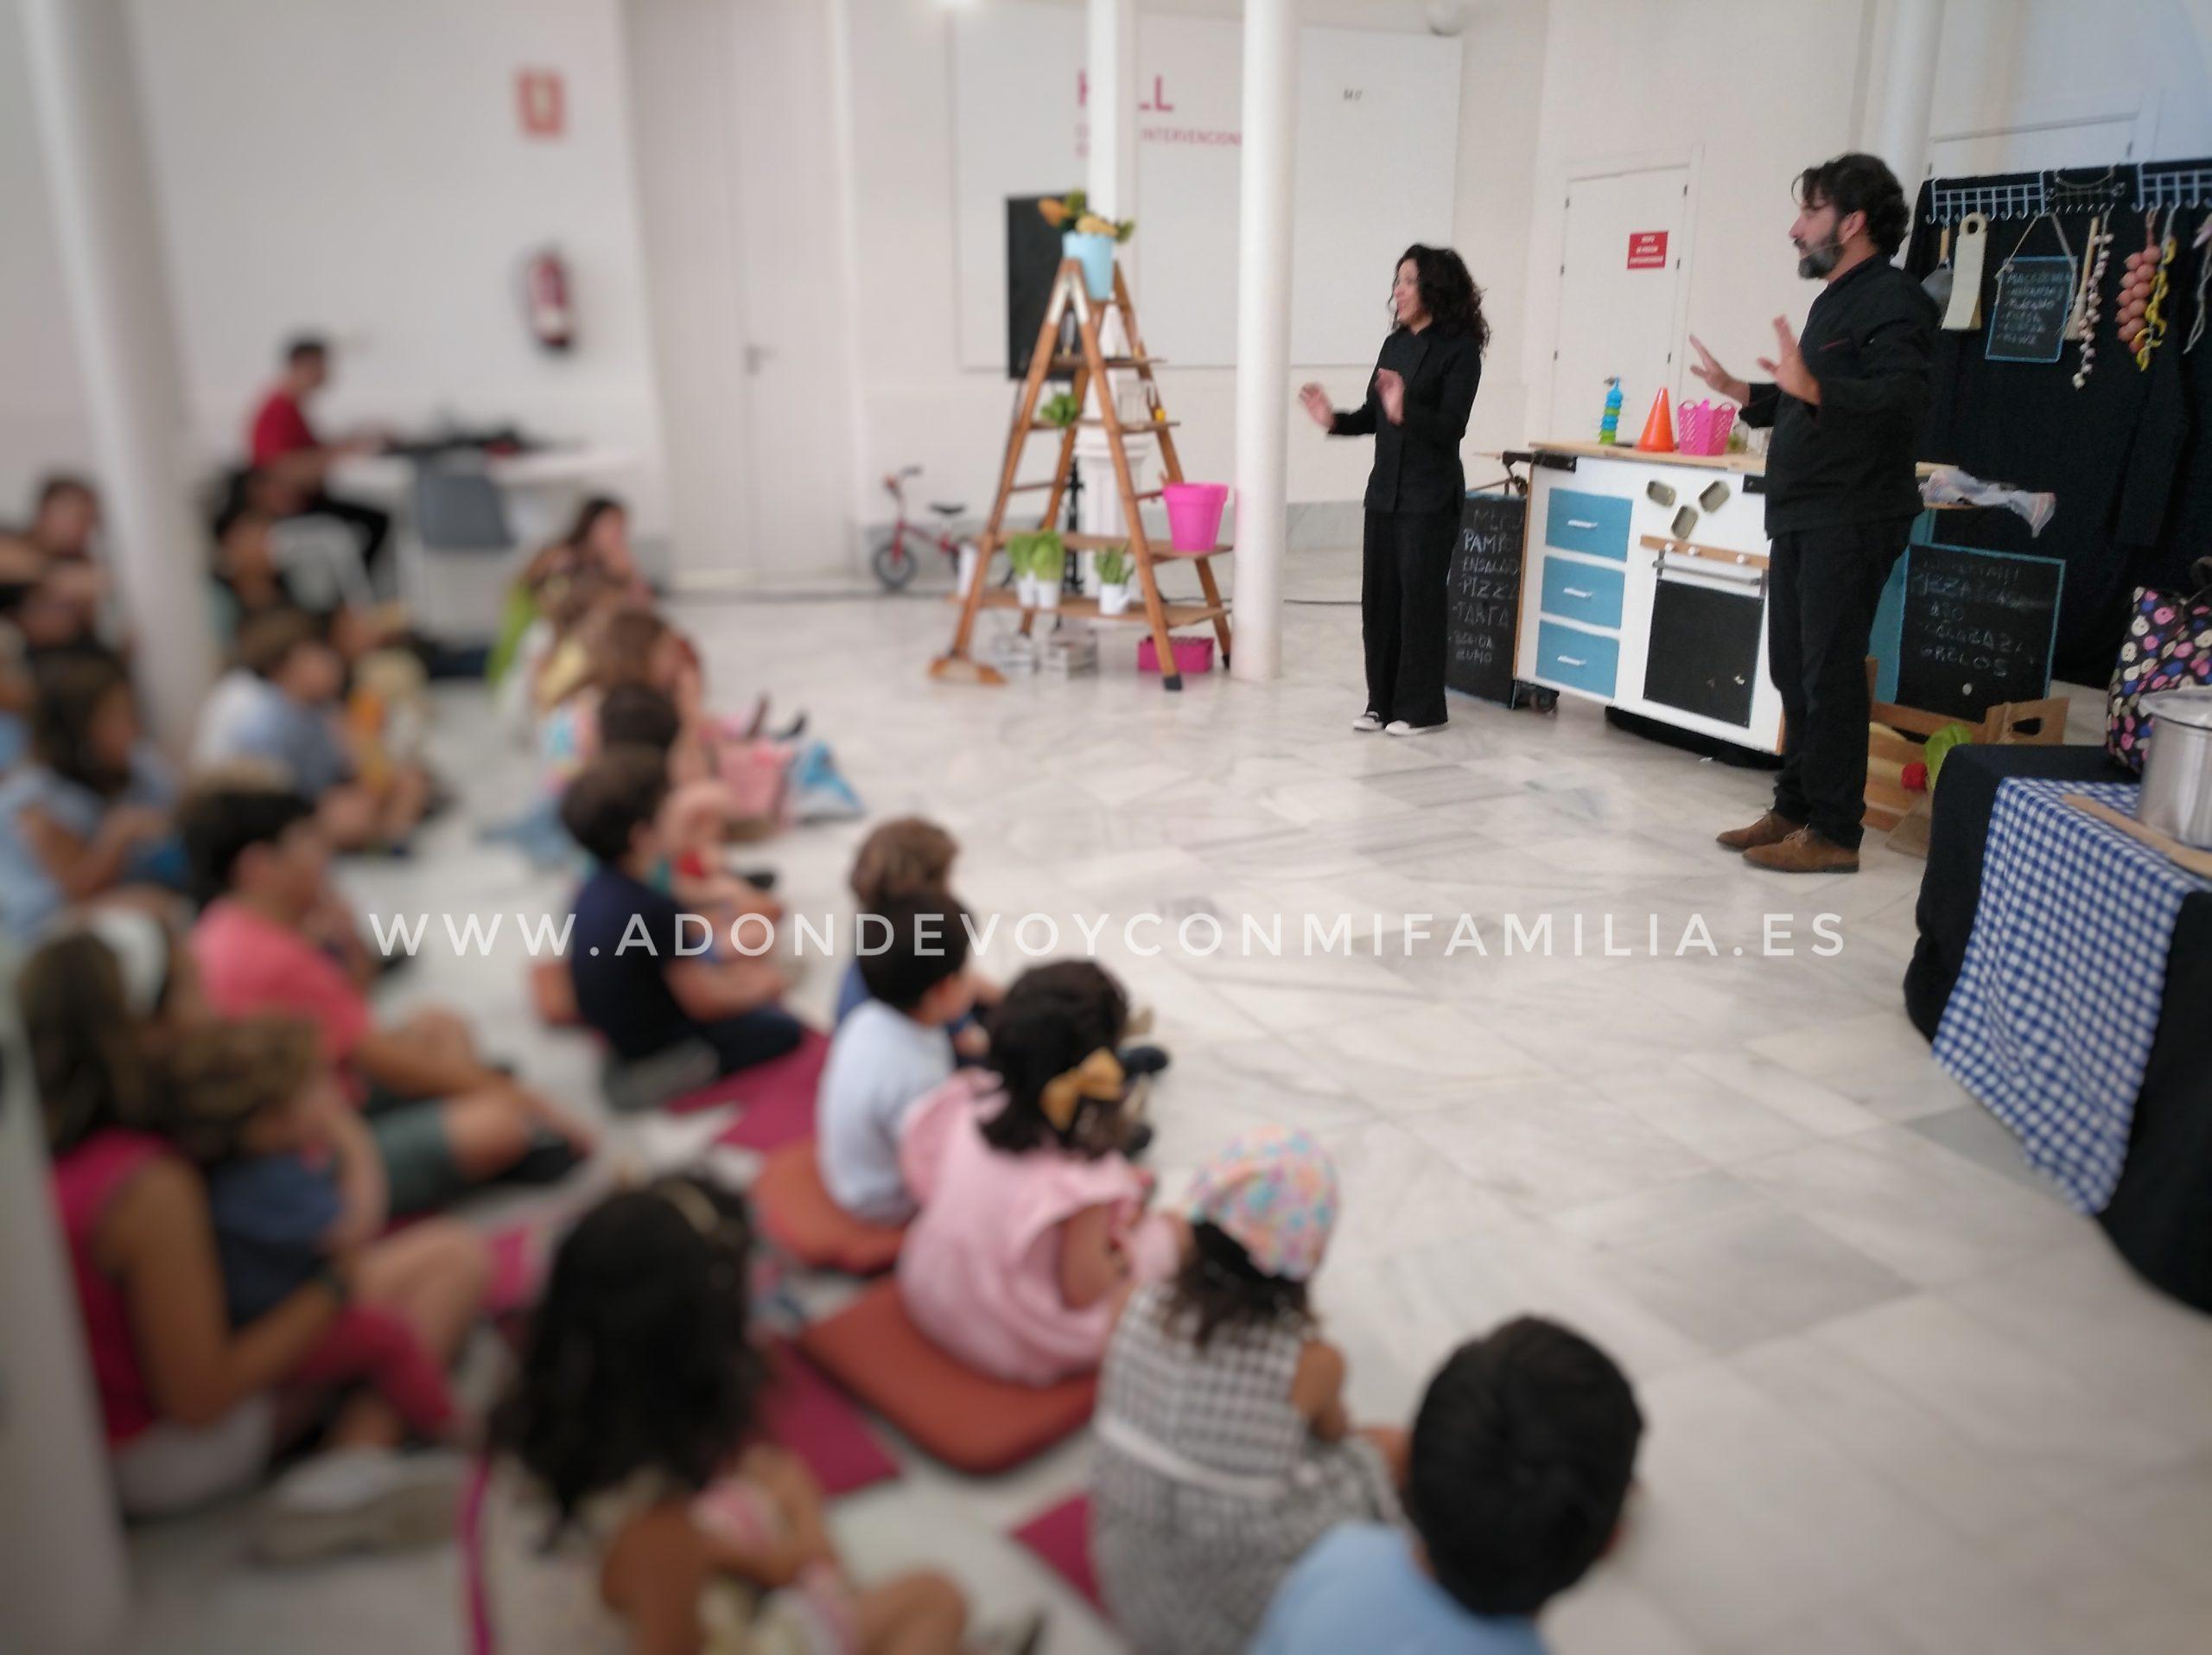 XXXVII FESTIVAL INTERNACIONAL DEL TÍTERE Familia con Niños (CÁDIZ)